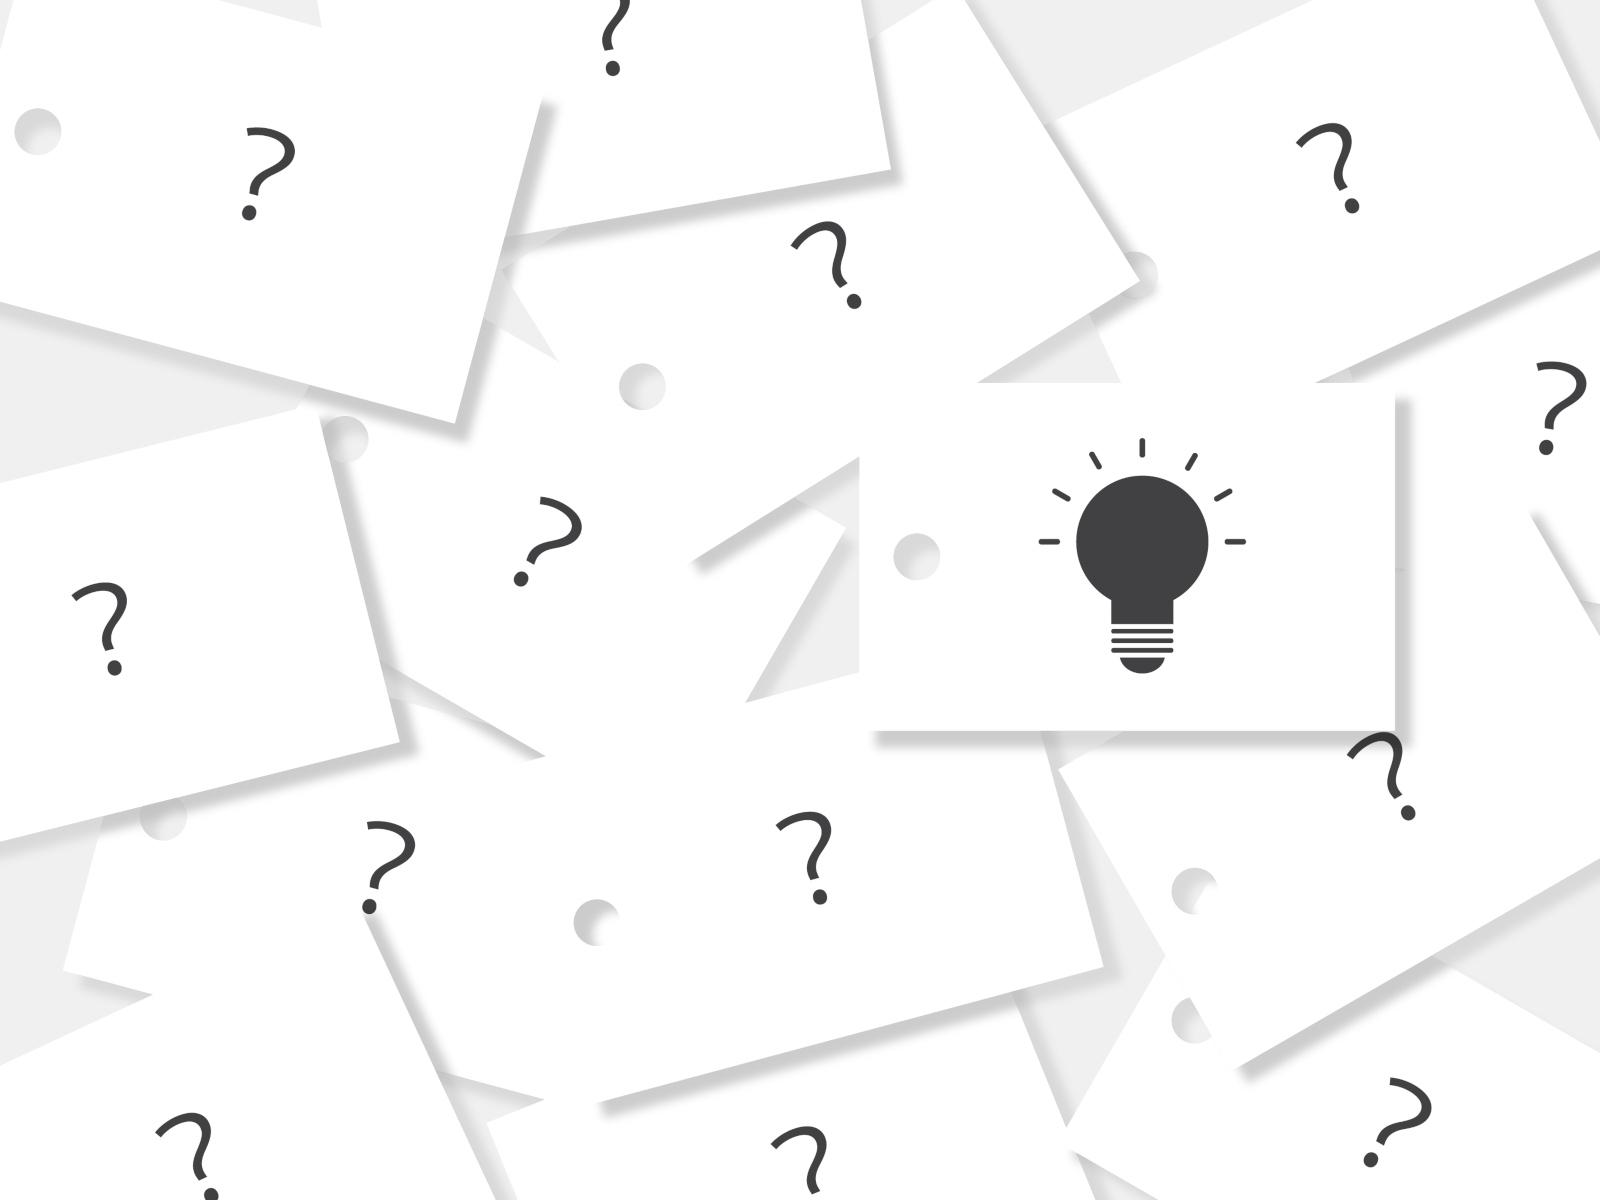 【なぞかけクイズ 20問】ひらめけ!!おすすめ簡単問題&難問を三択形式で紹介!